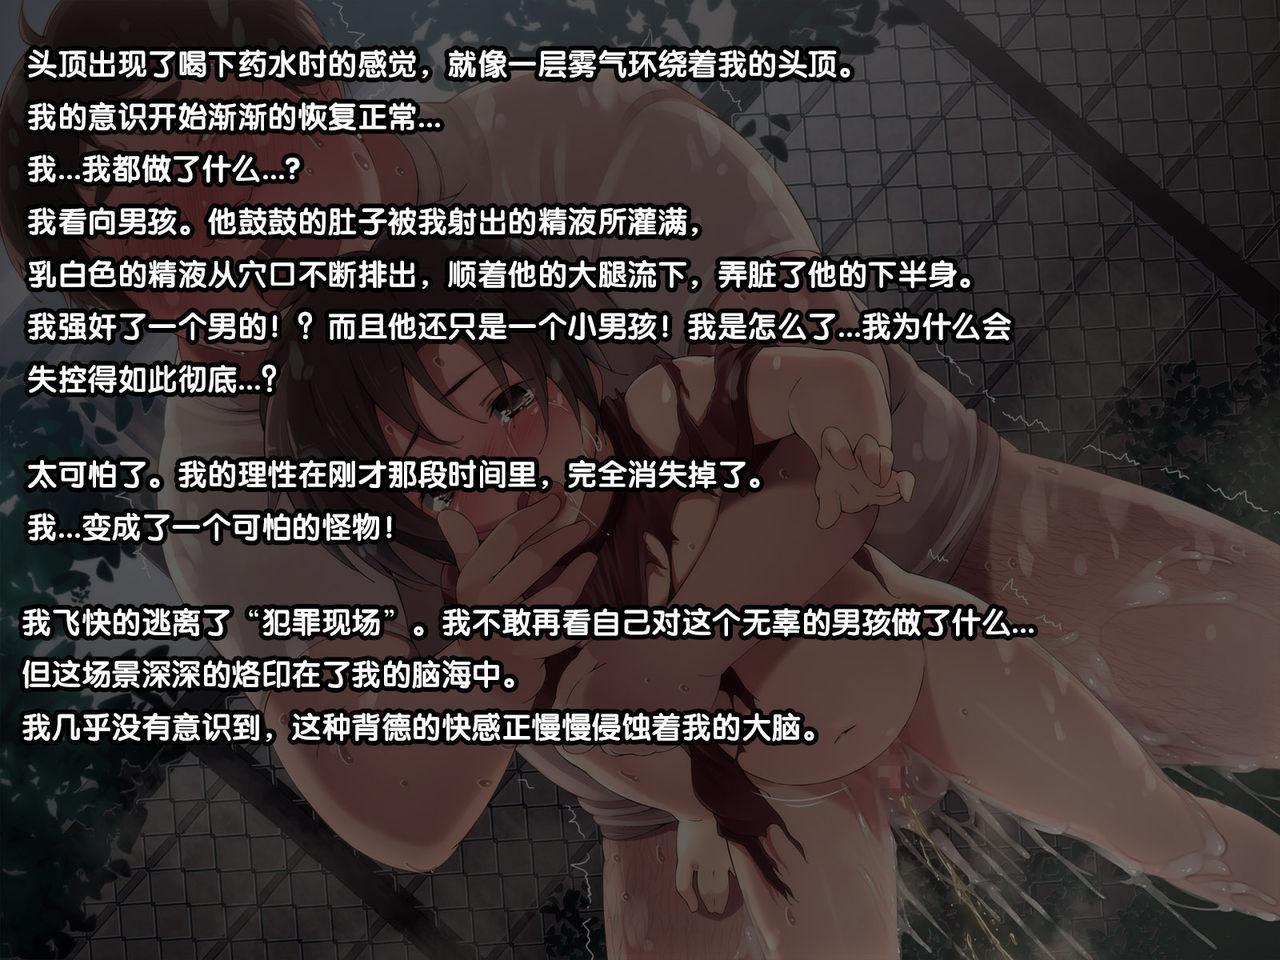 Seiryokuzai de Seiyoku Bouhatsu! Tairyou Tanetsuke de Shota Kyoudai Kyousei Harabote! 12